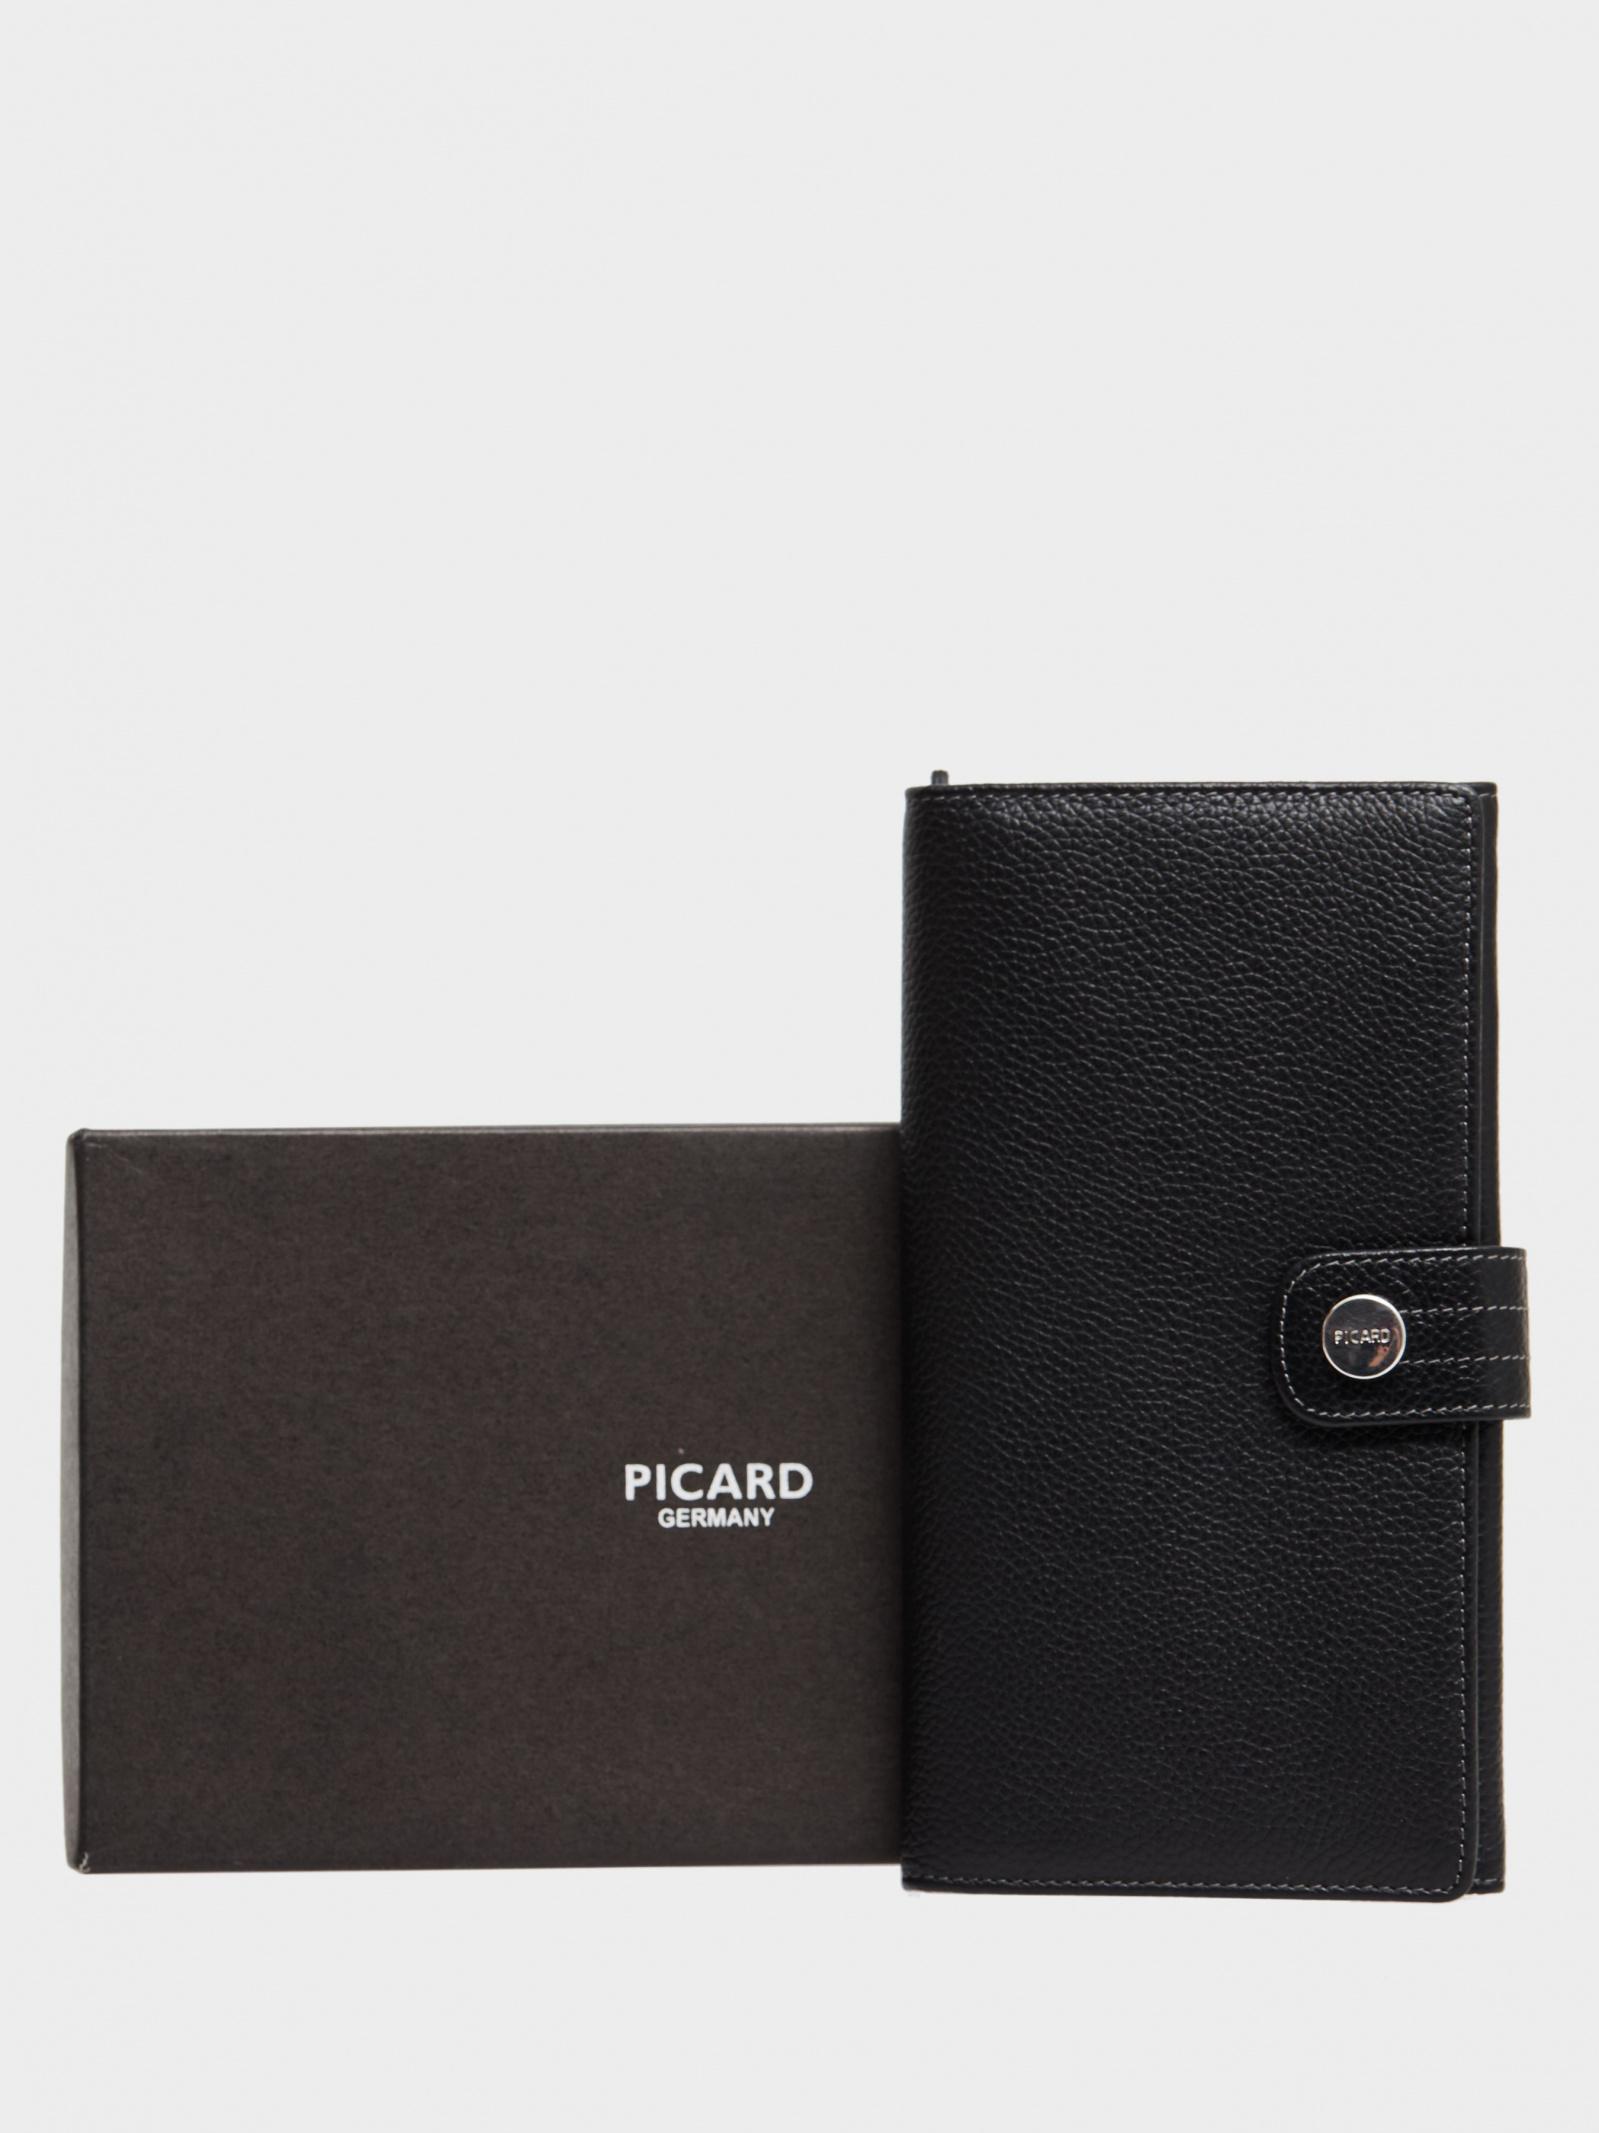 Кошельки и холдеры  Picard модель 8674-001 schwarz качество, 2017